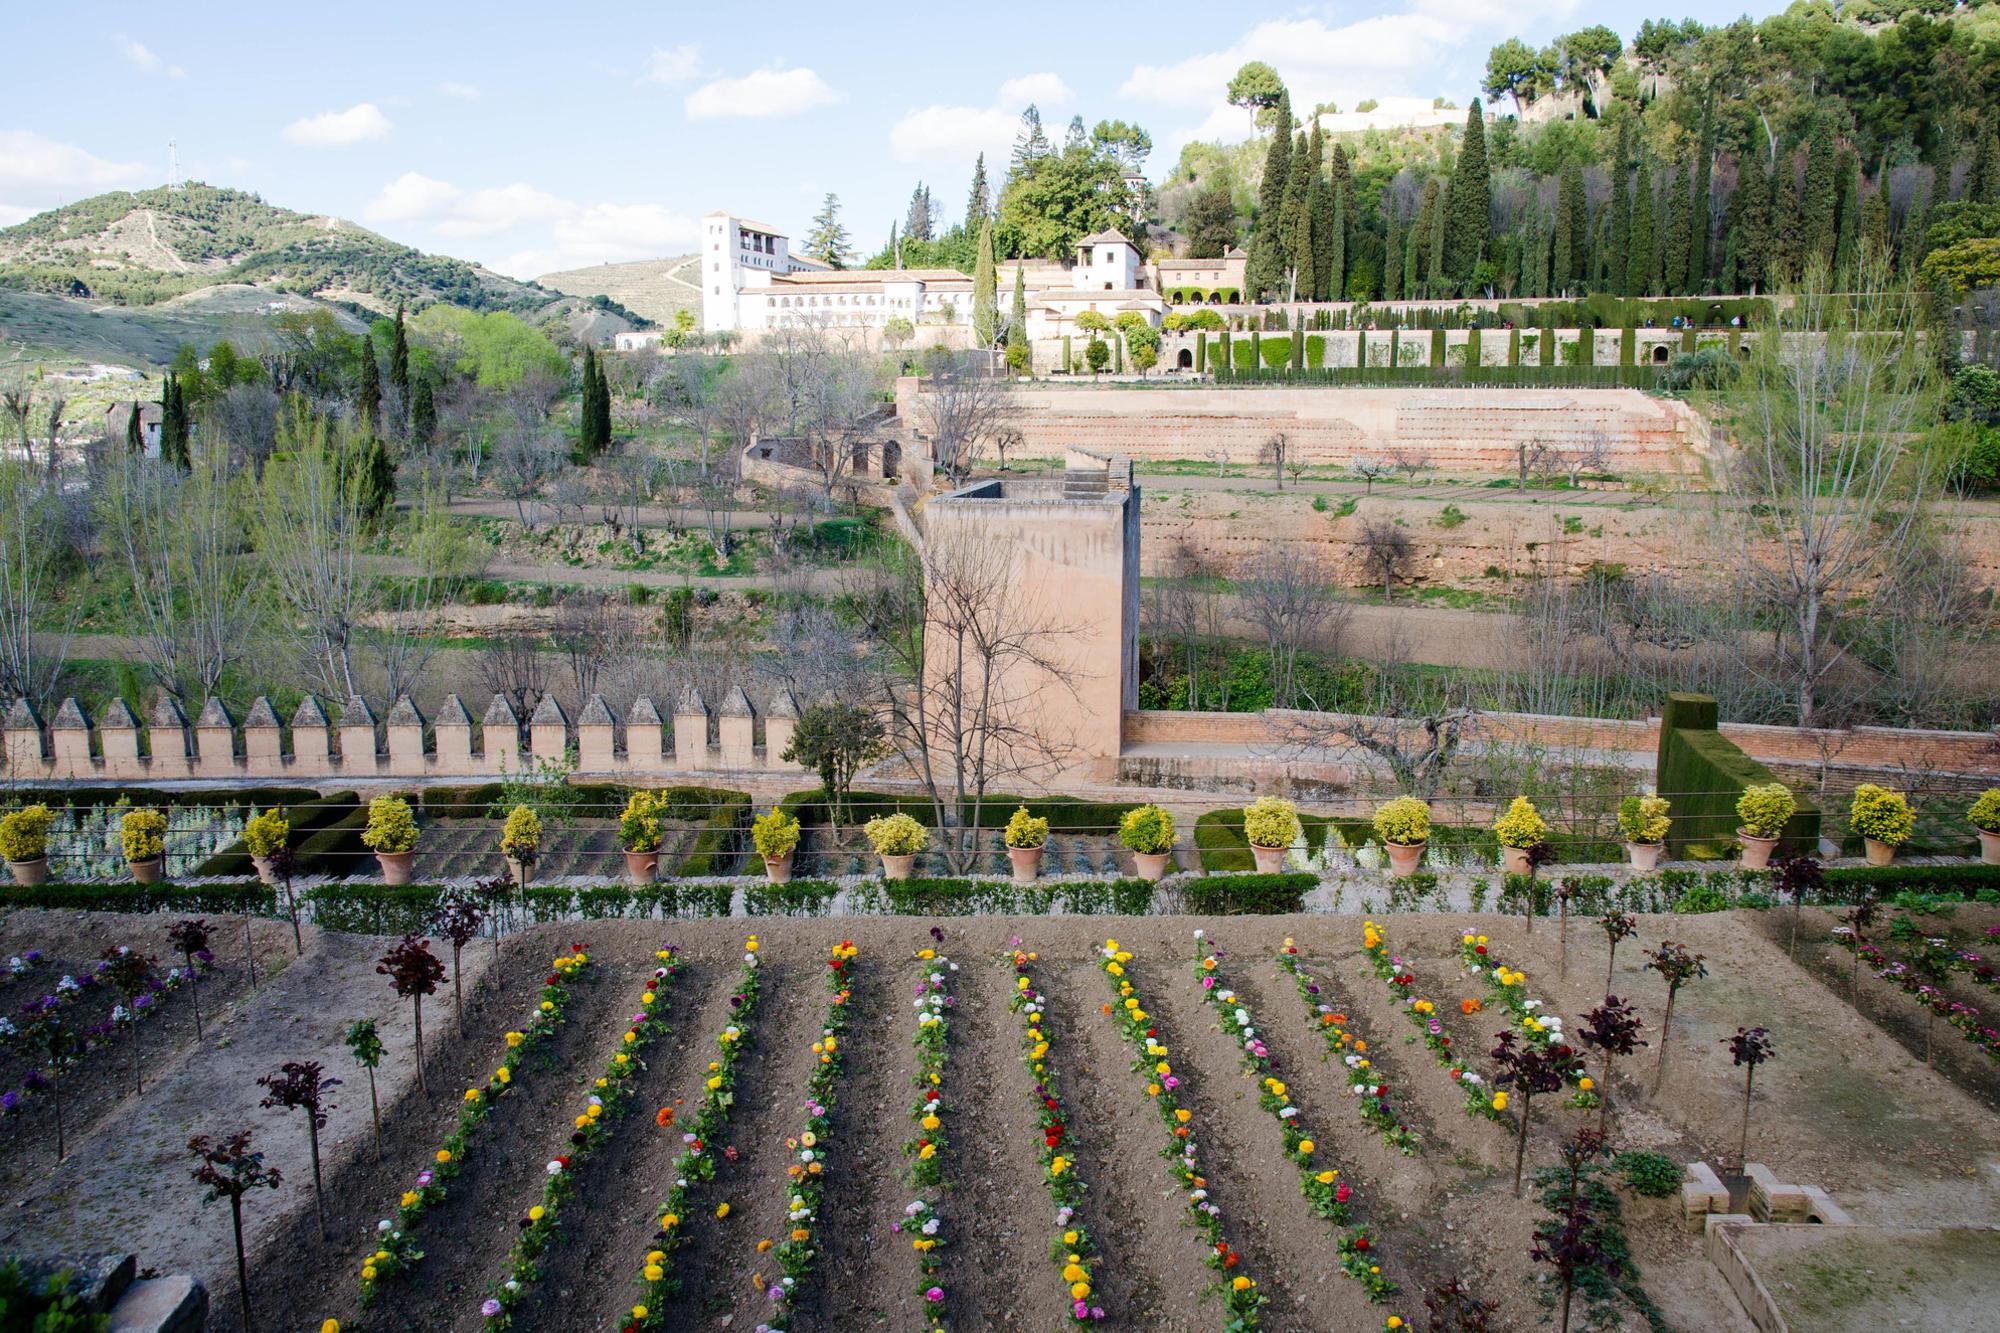 Garden at the Parador de Granada, Spain